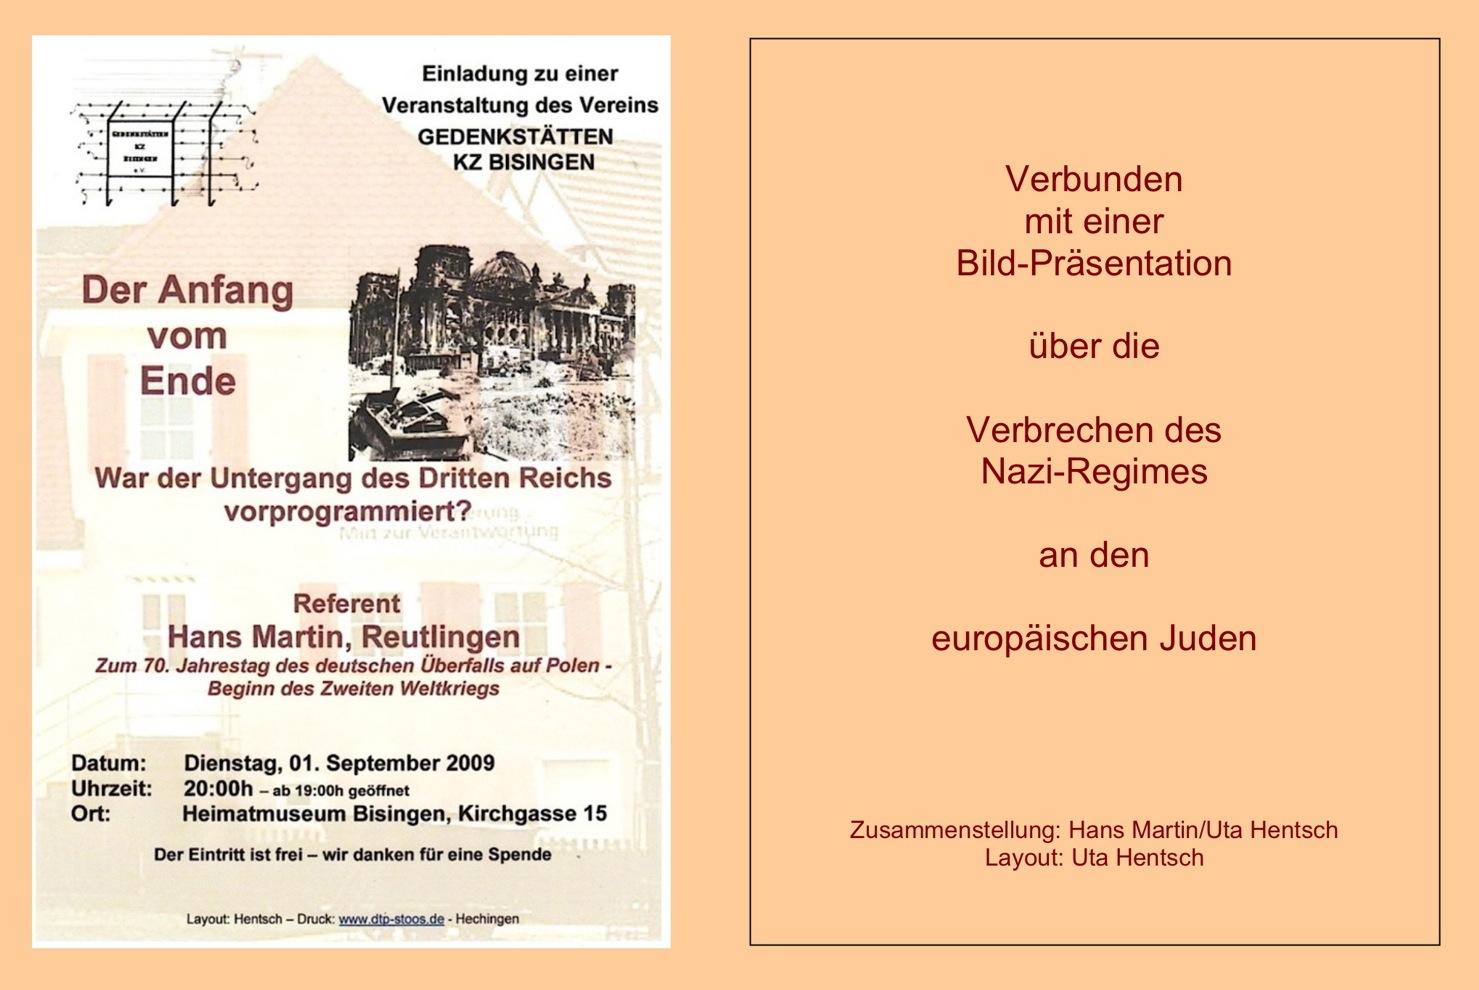 Veranstaltung 01.09.2009